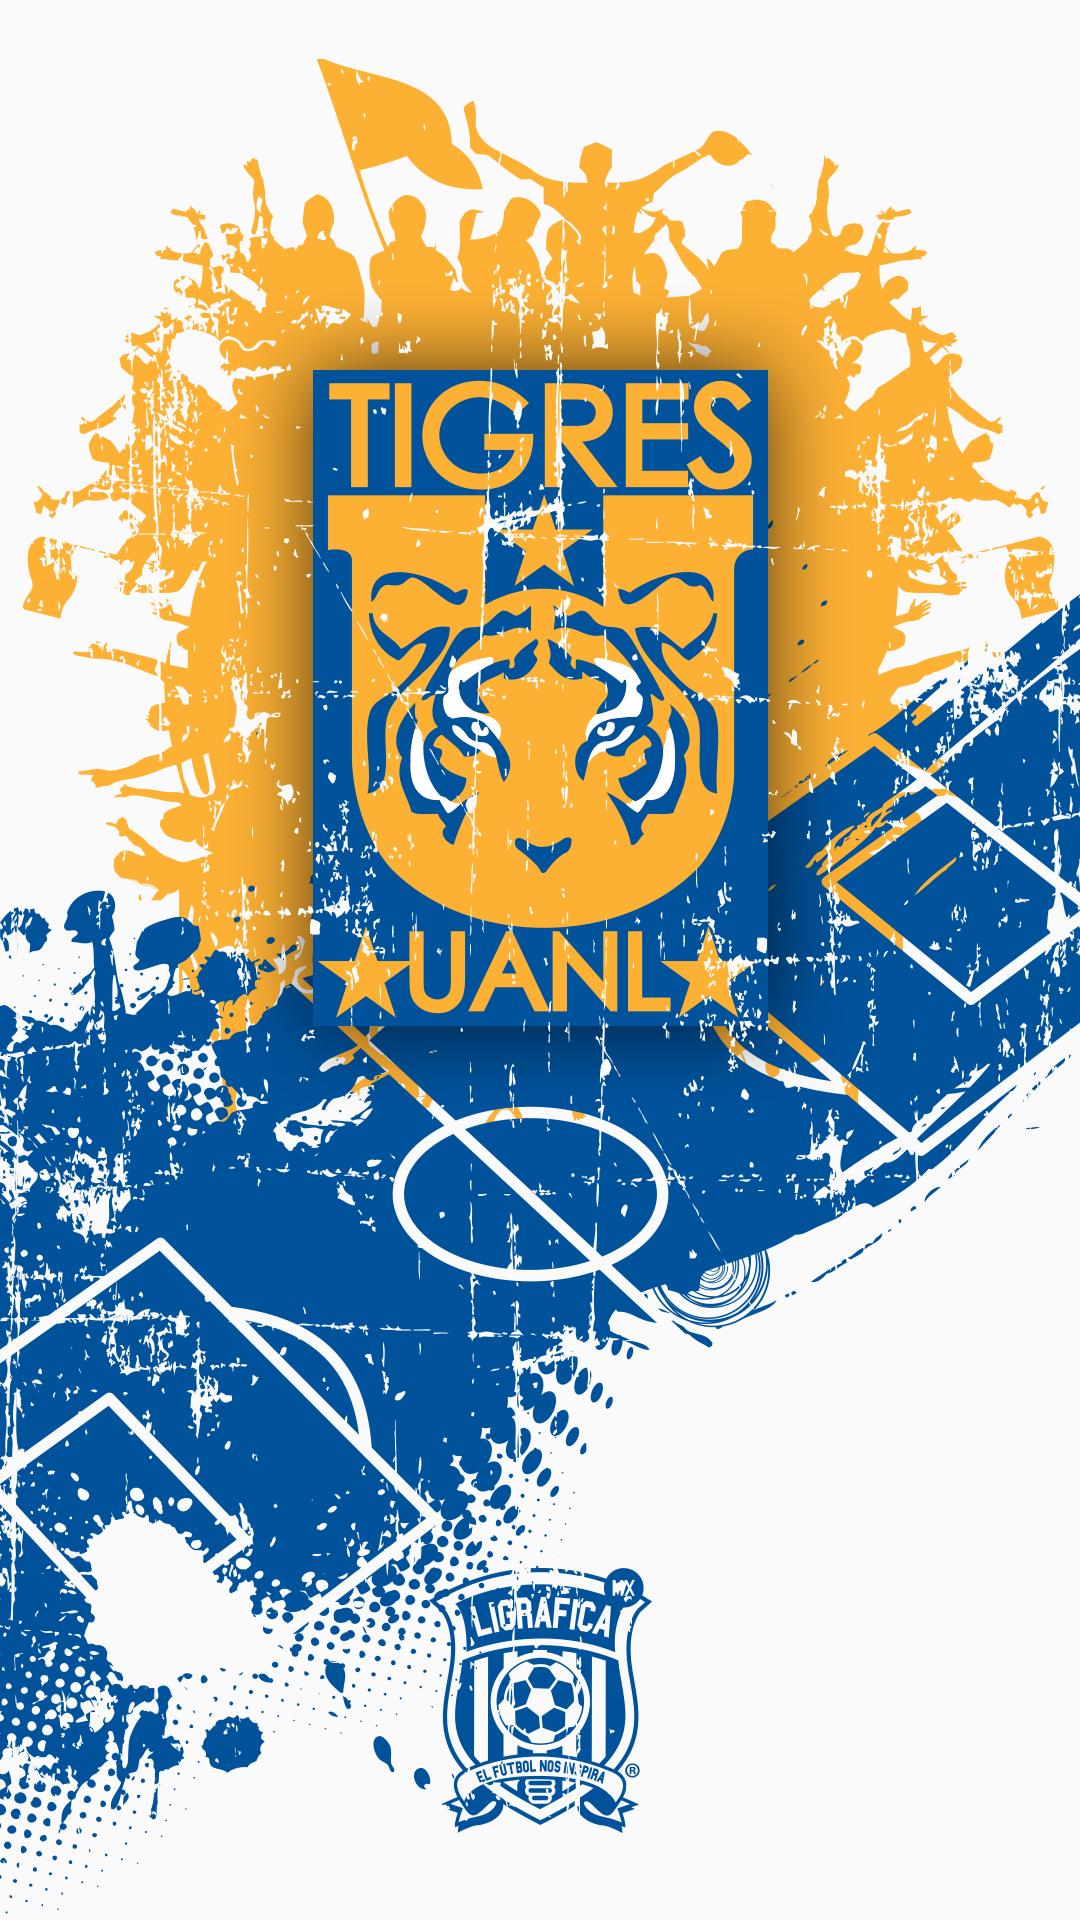 Tigres Ligraficamx 131114ctg Tigres Uanl Pinterest